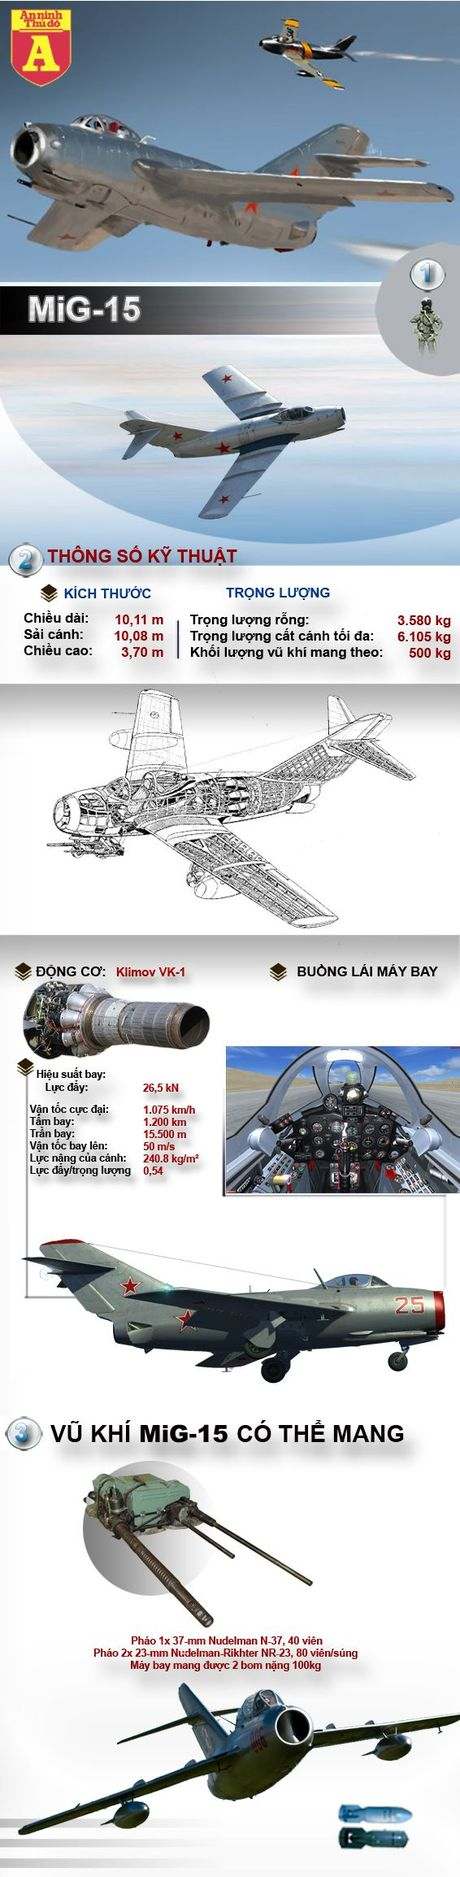 MiG-15- Huyen thoai mo dau ky nguyen MiG - Anh 1